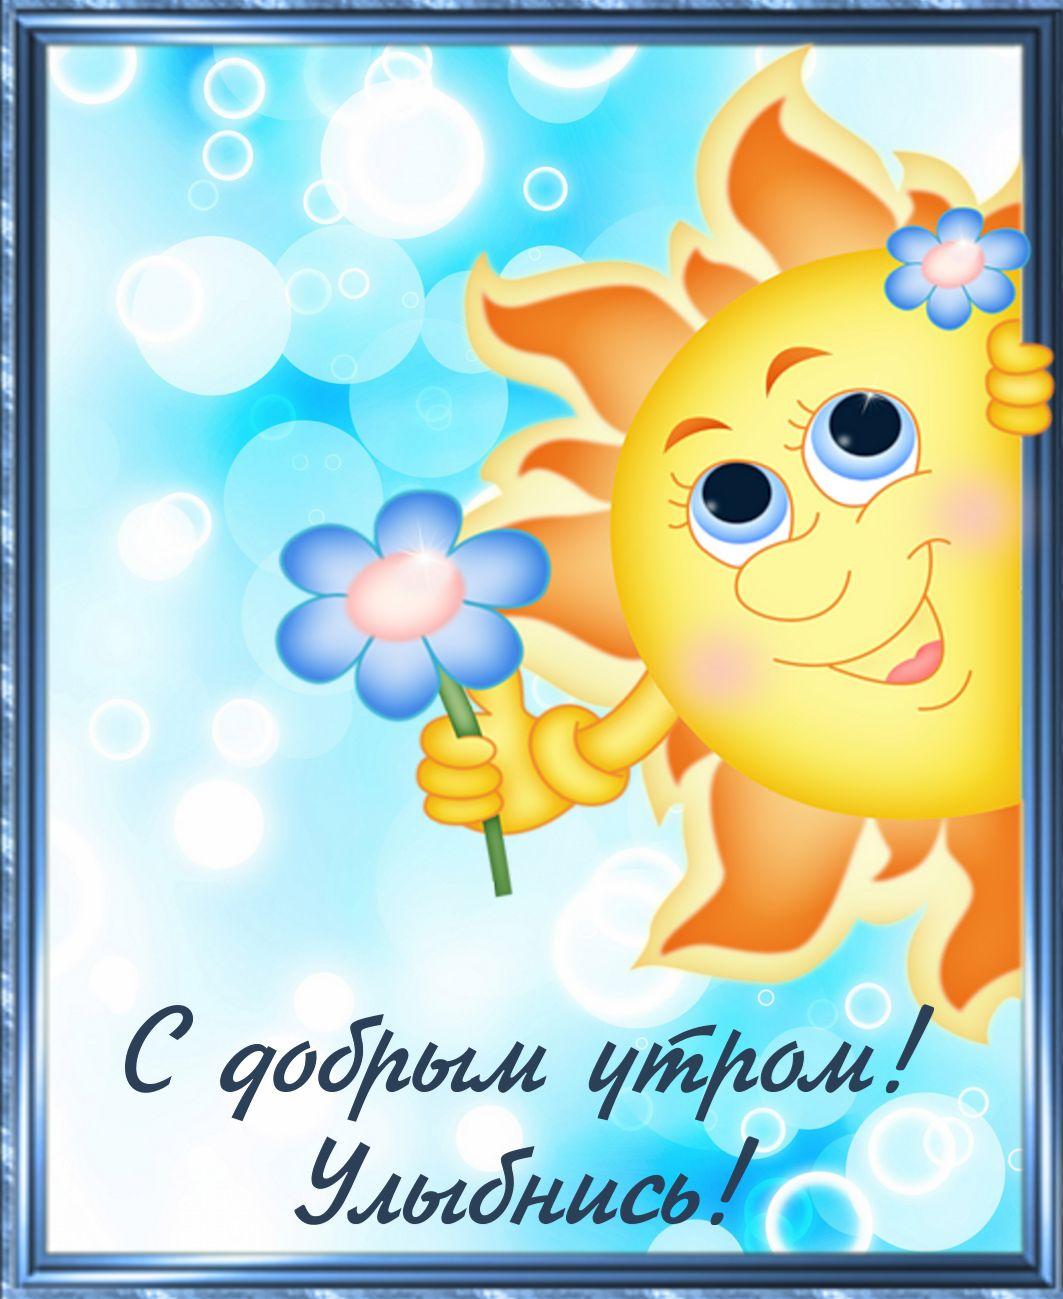 Надпись и картинка солнышка